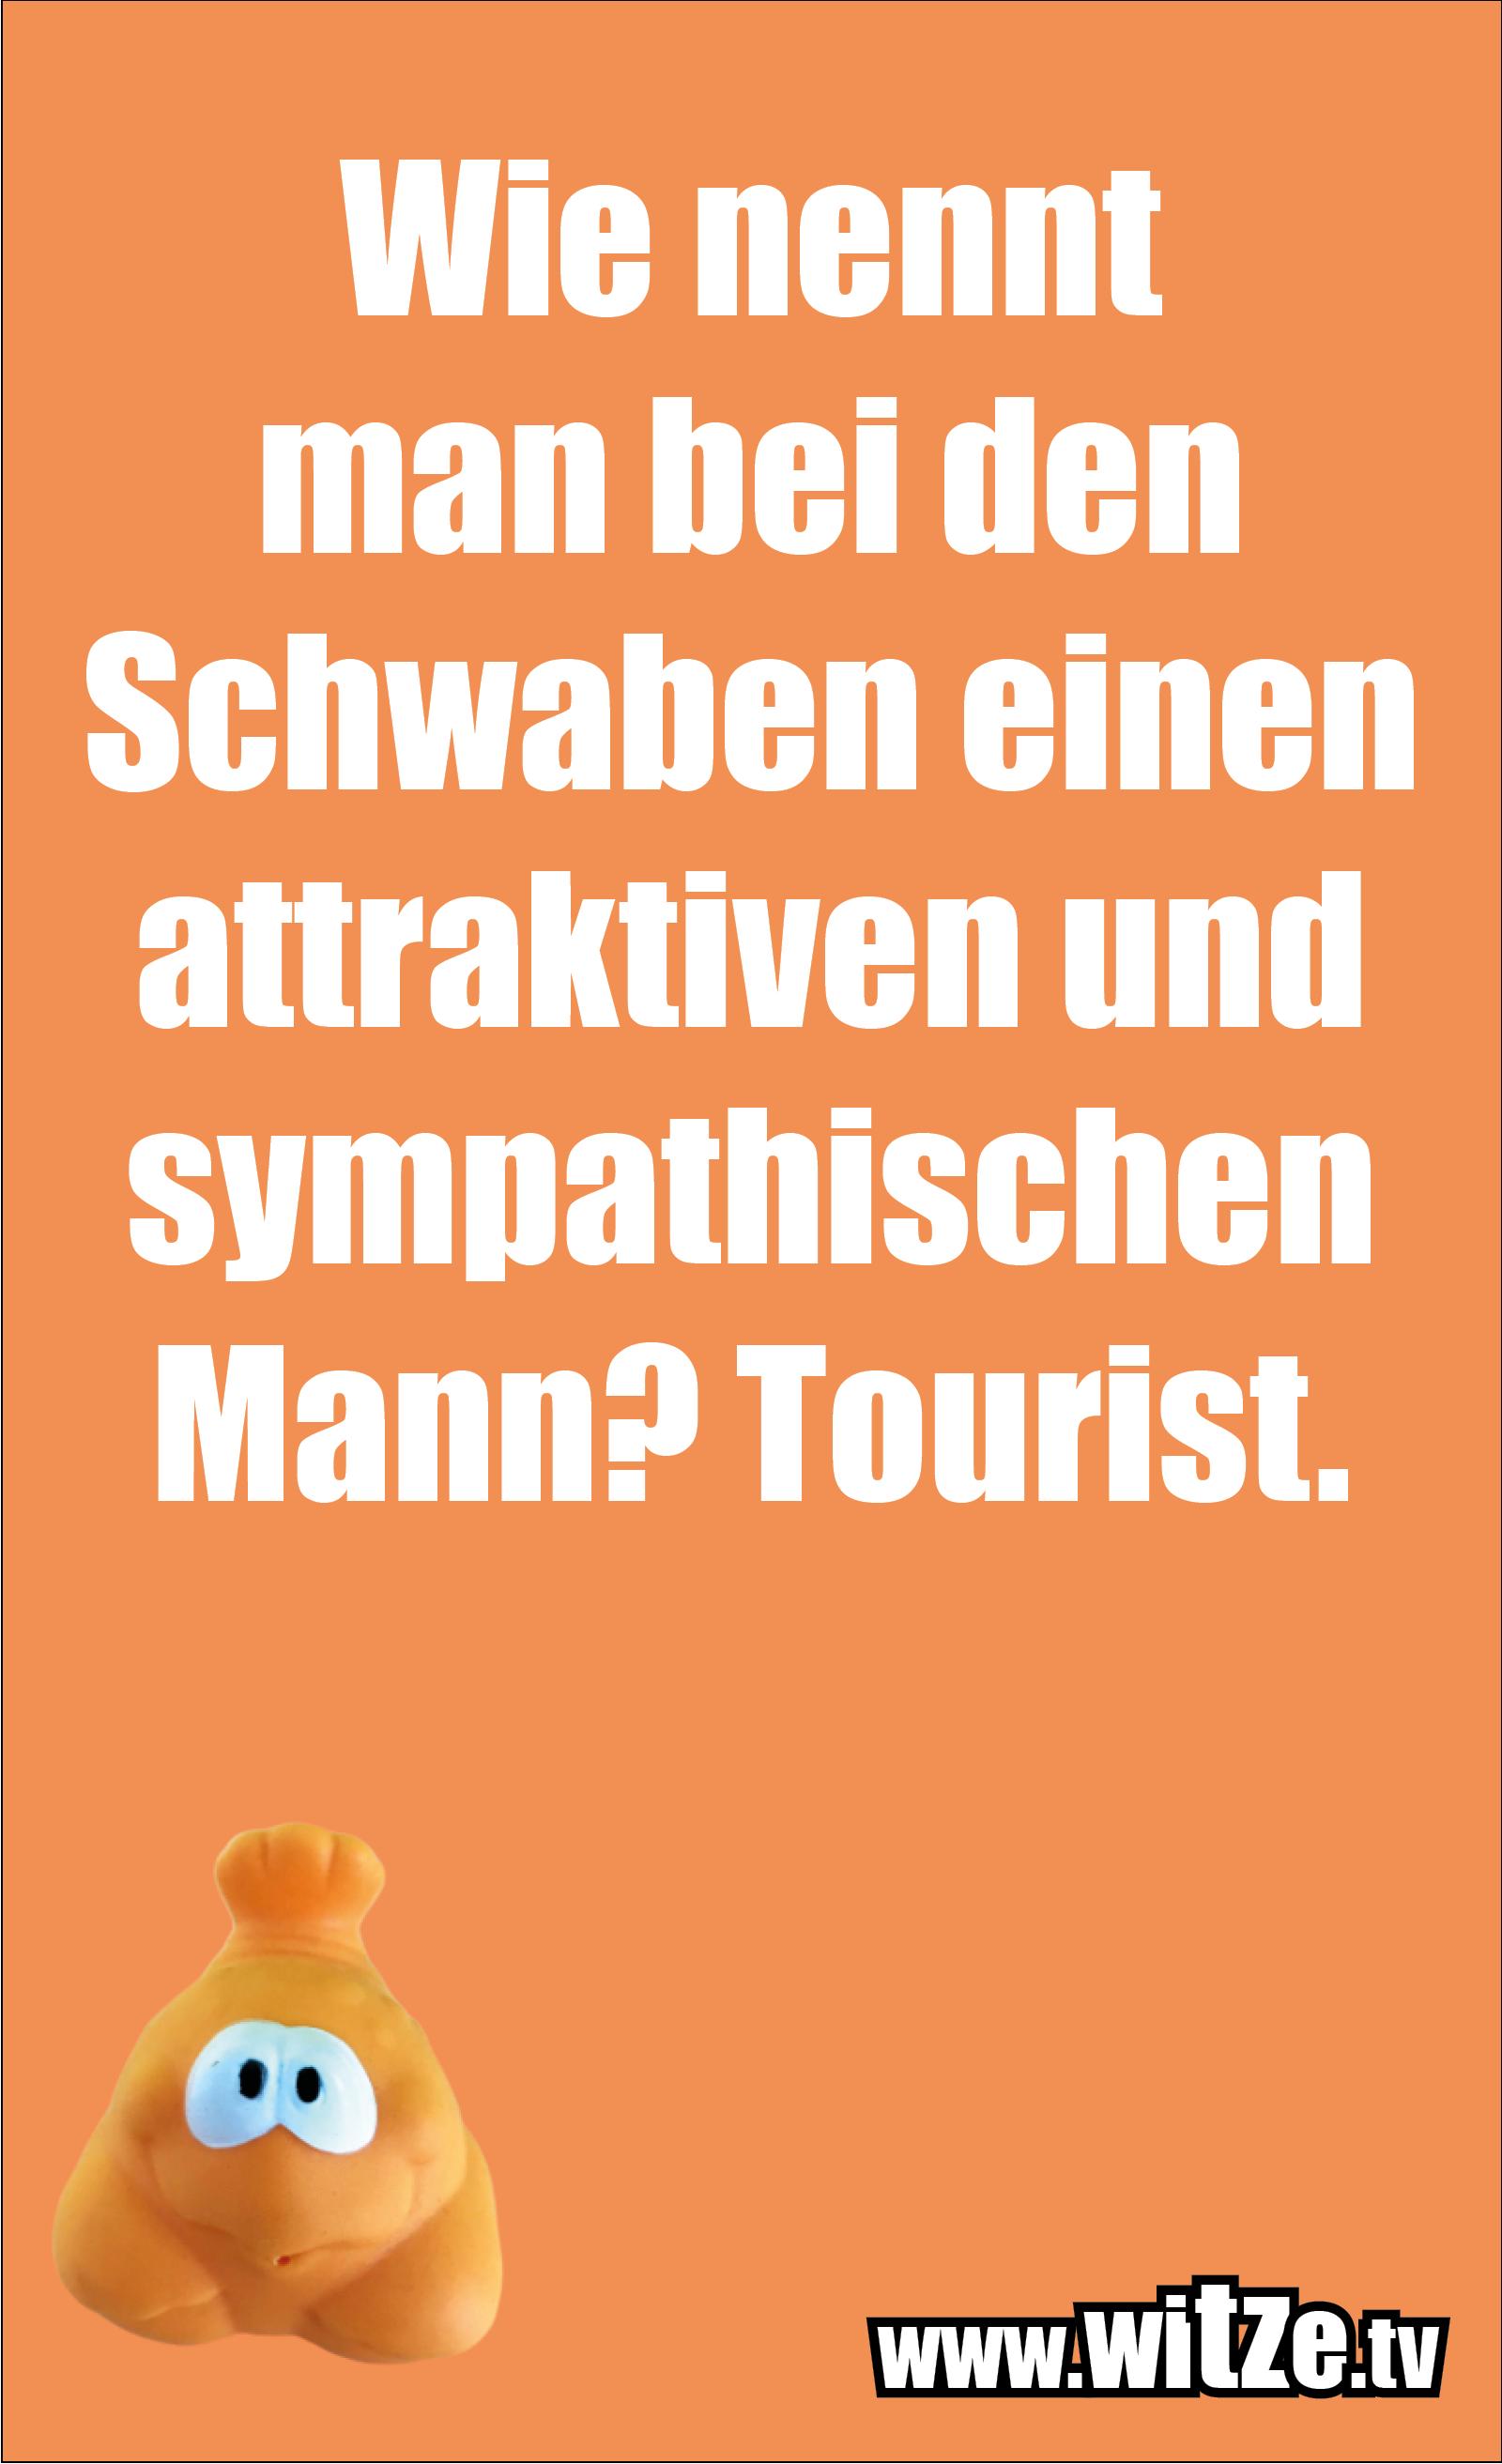 Schwaben Witz… Wie nennt man bei den Schwaben einen attraktiven und sympathischen Mann? Tourist.